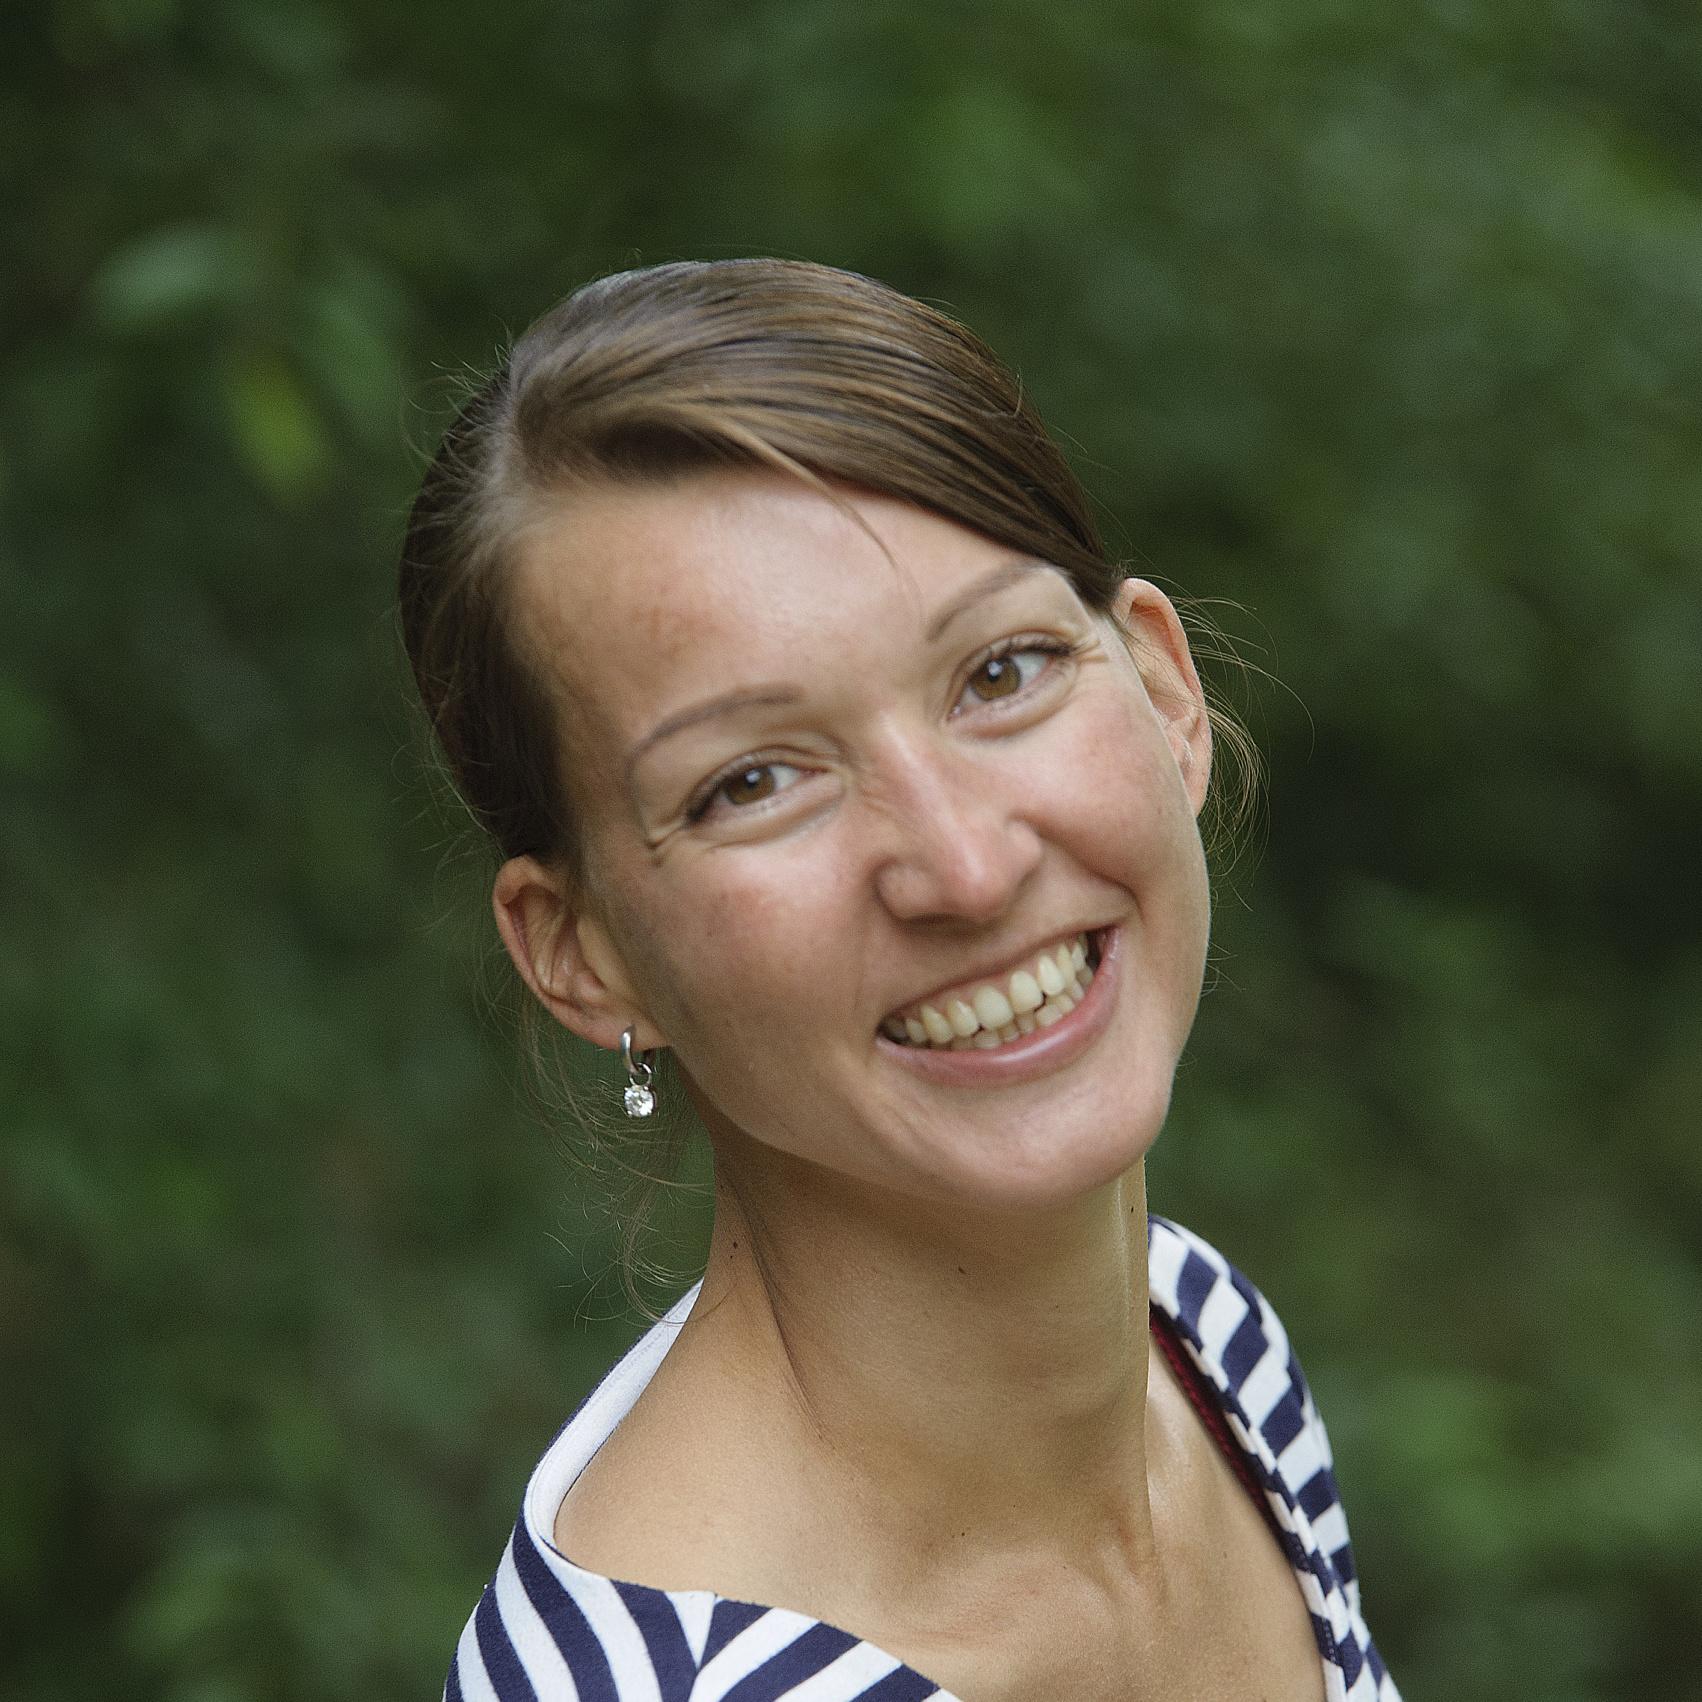 Annemarie Knoop